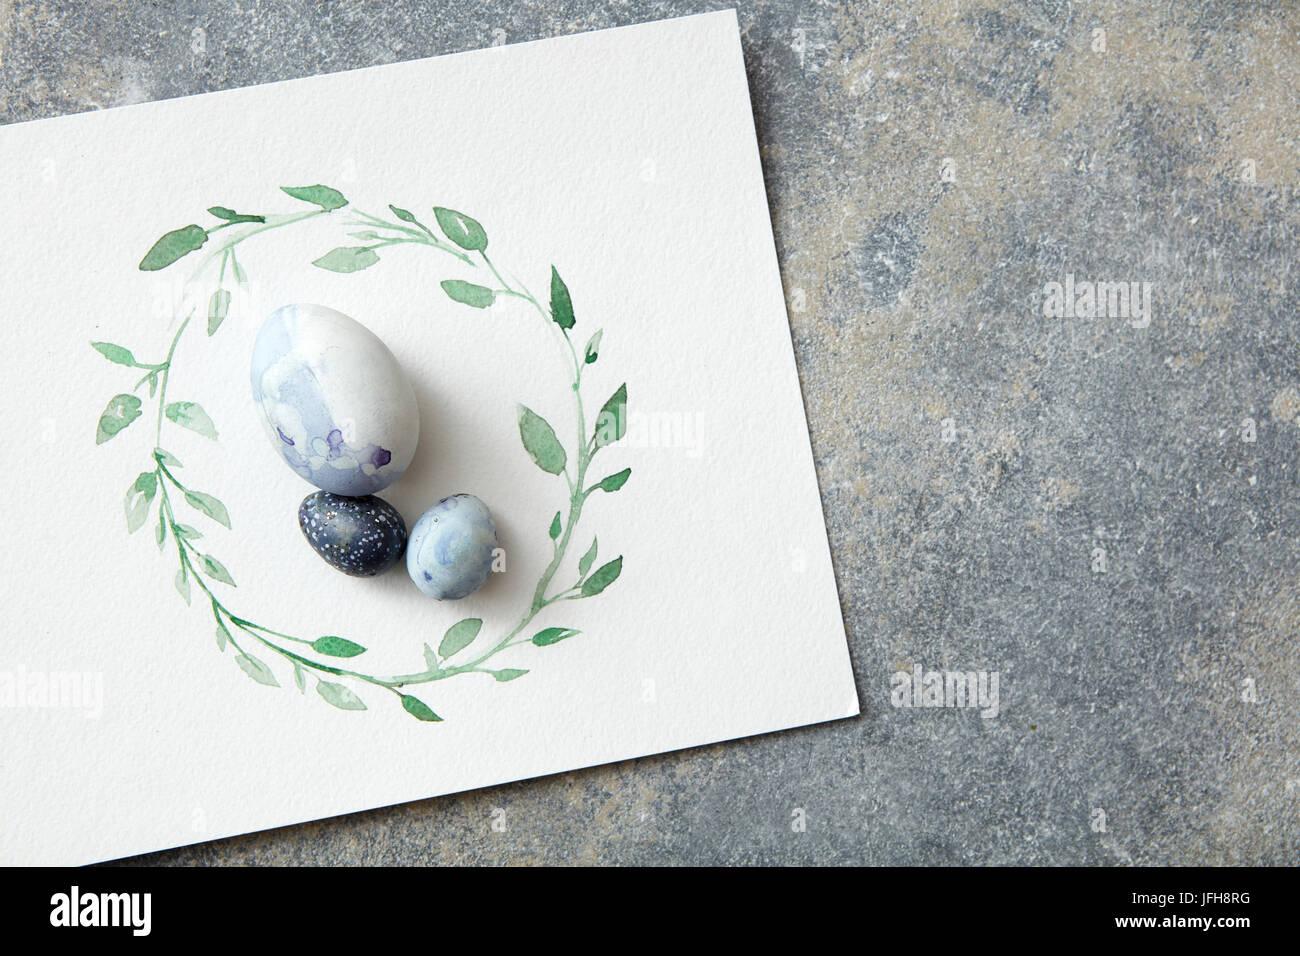 Ostereier mit Hand gezeichnete Blätter auf Papier Stockbild